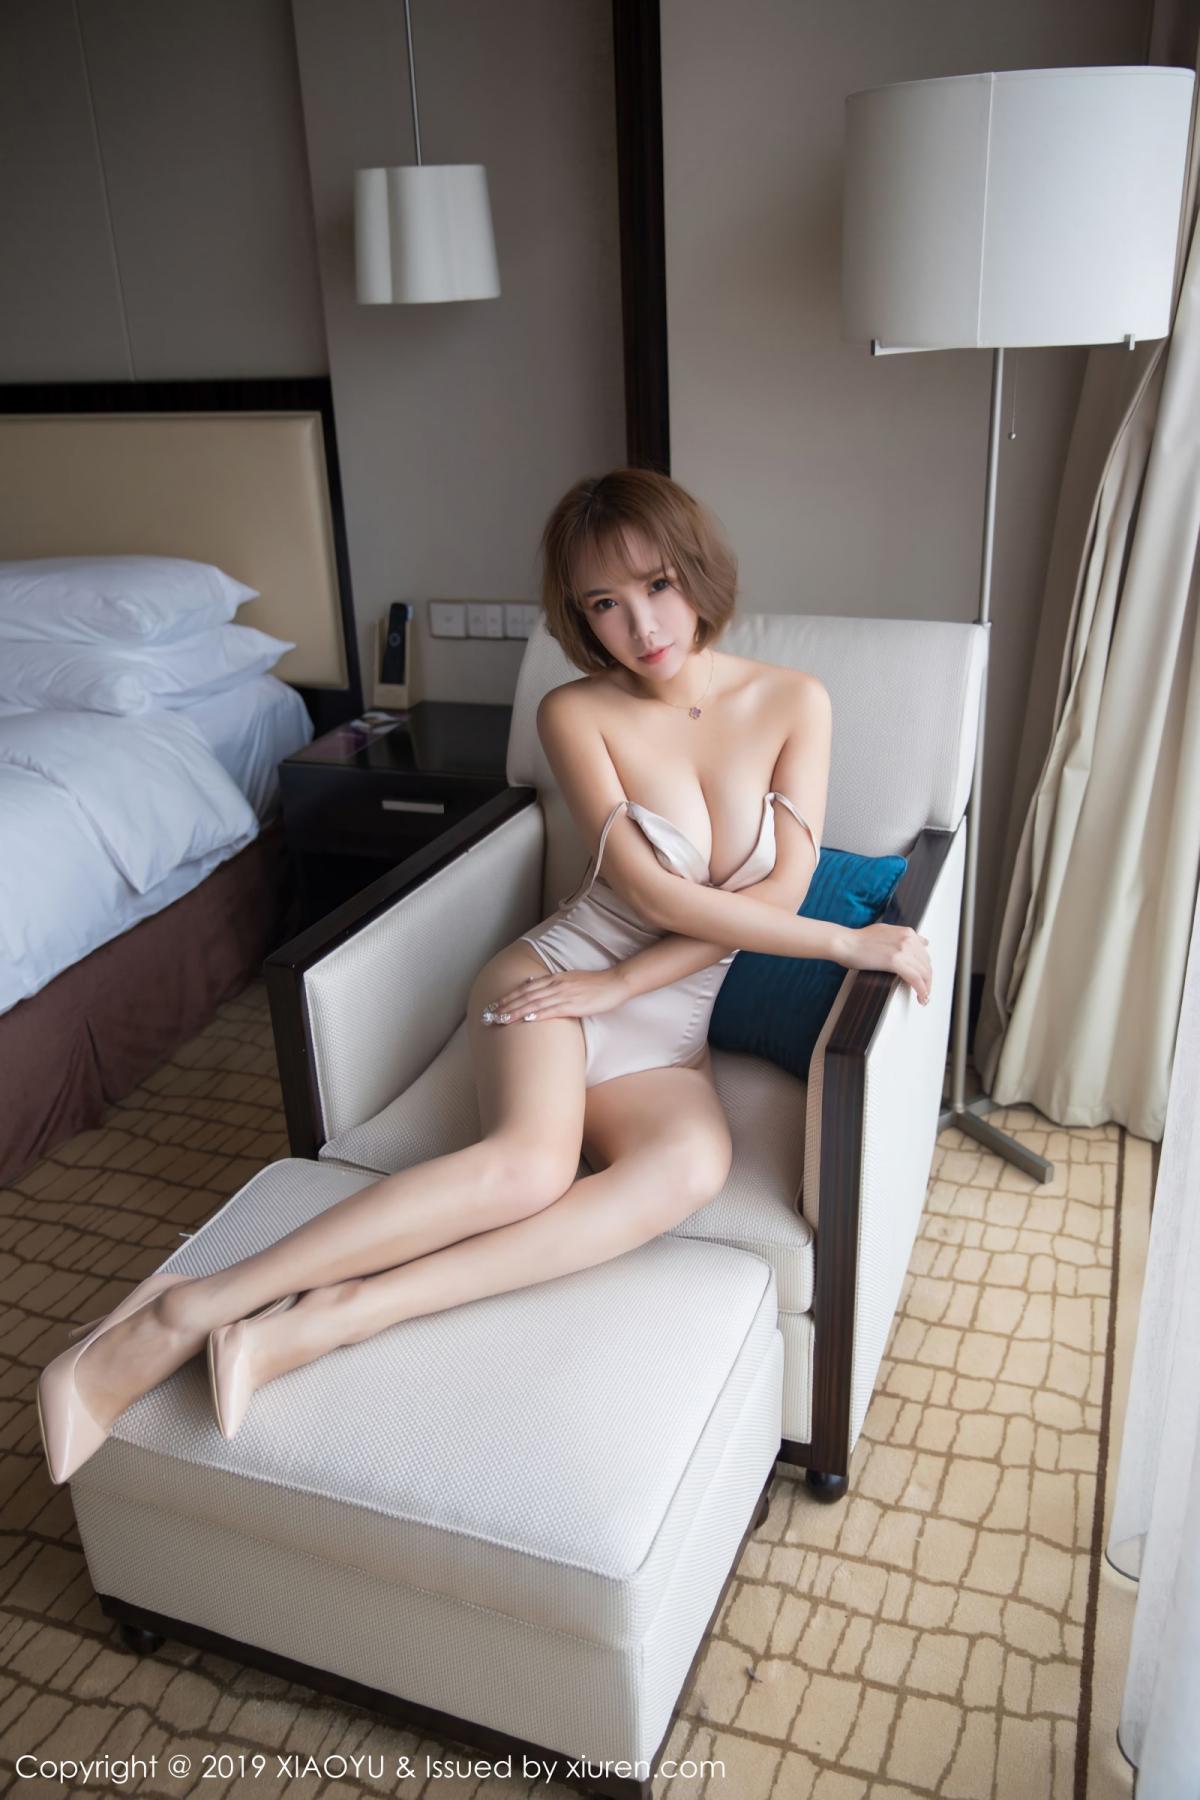 [XiaoYu] Vol.015 Chen Ya Wen 10P, Chen Ya Wen, Sexy, XiaoYu